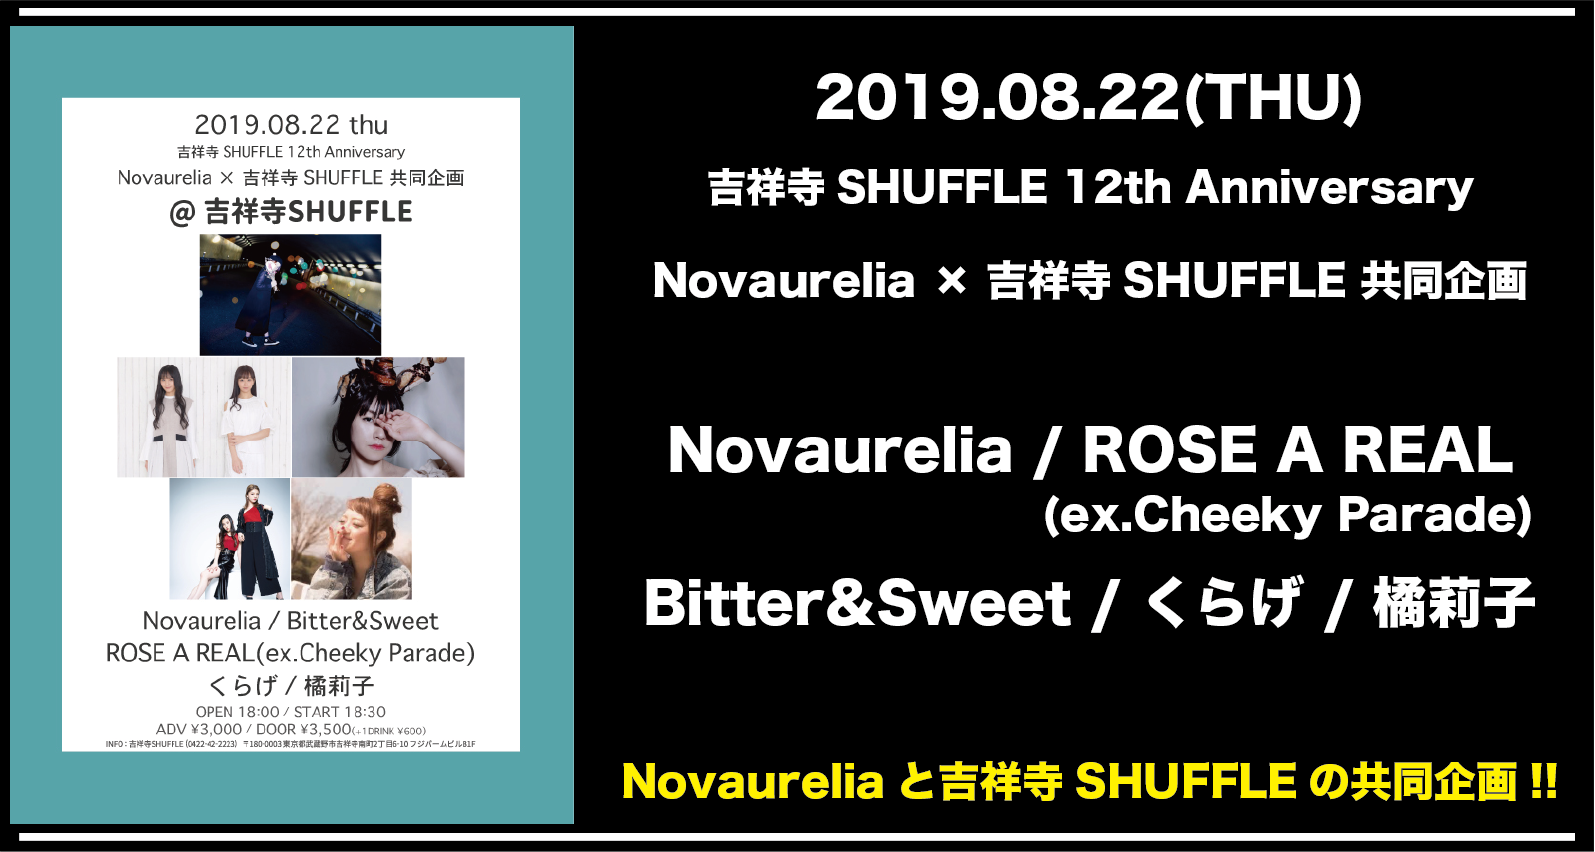 吉祥寺SHUFFLE 12th Anniversary Novaurelia × 吉祥寺SHUFFLE 共同企画